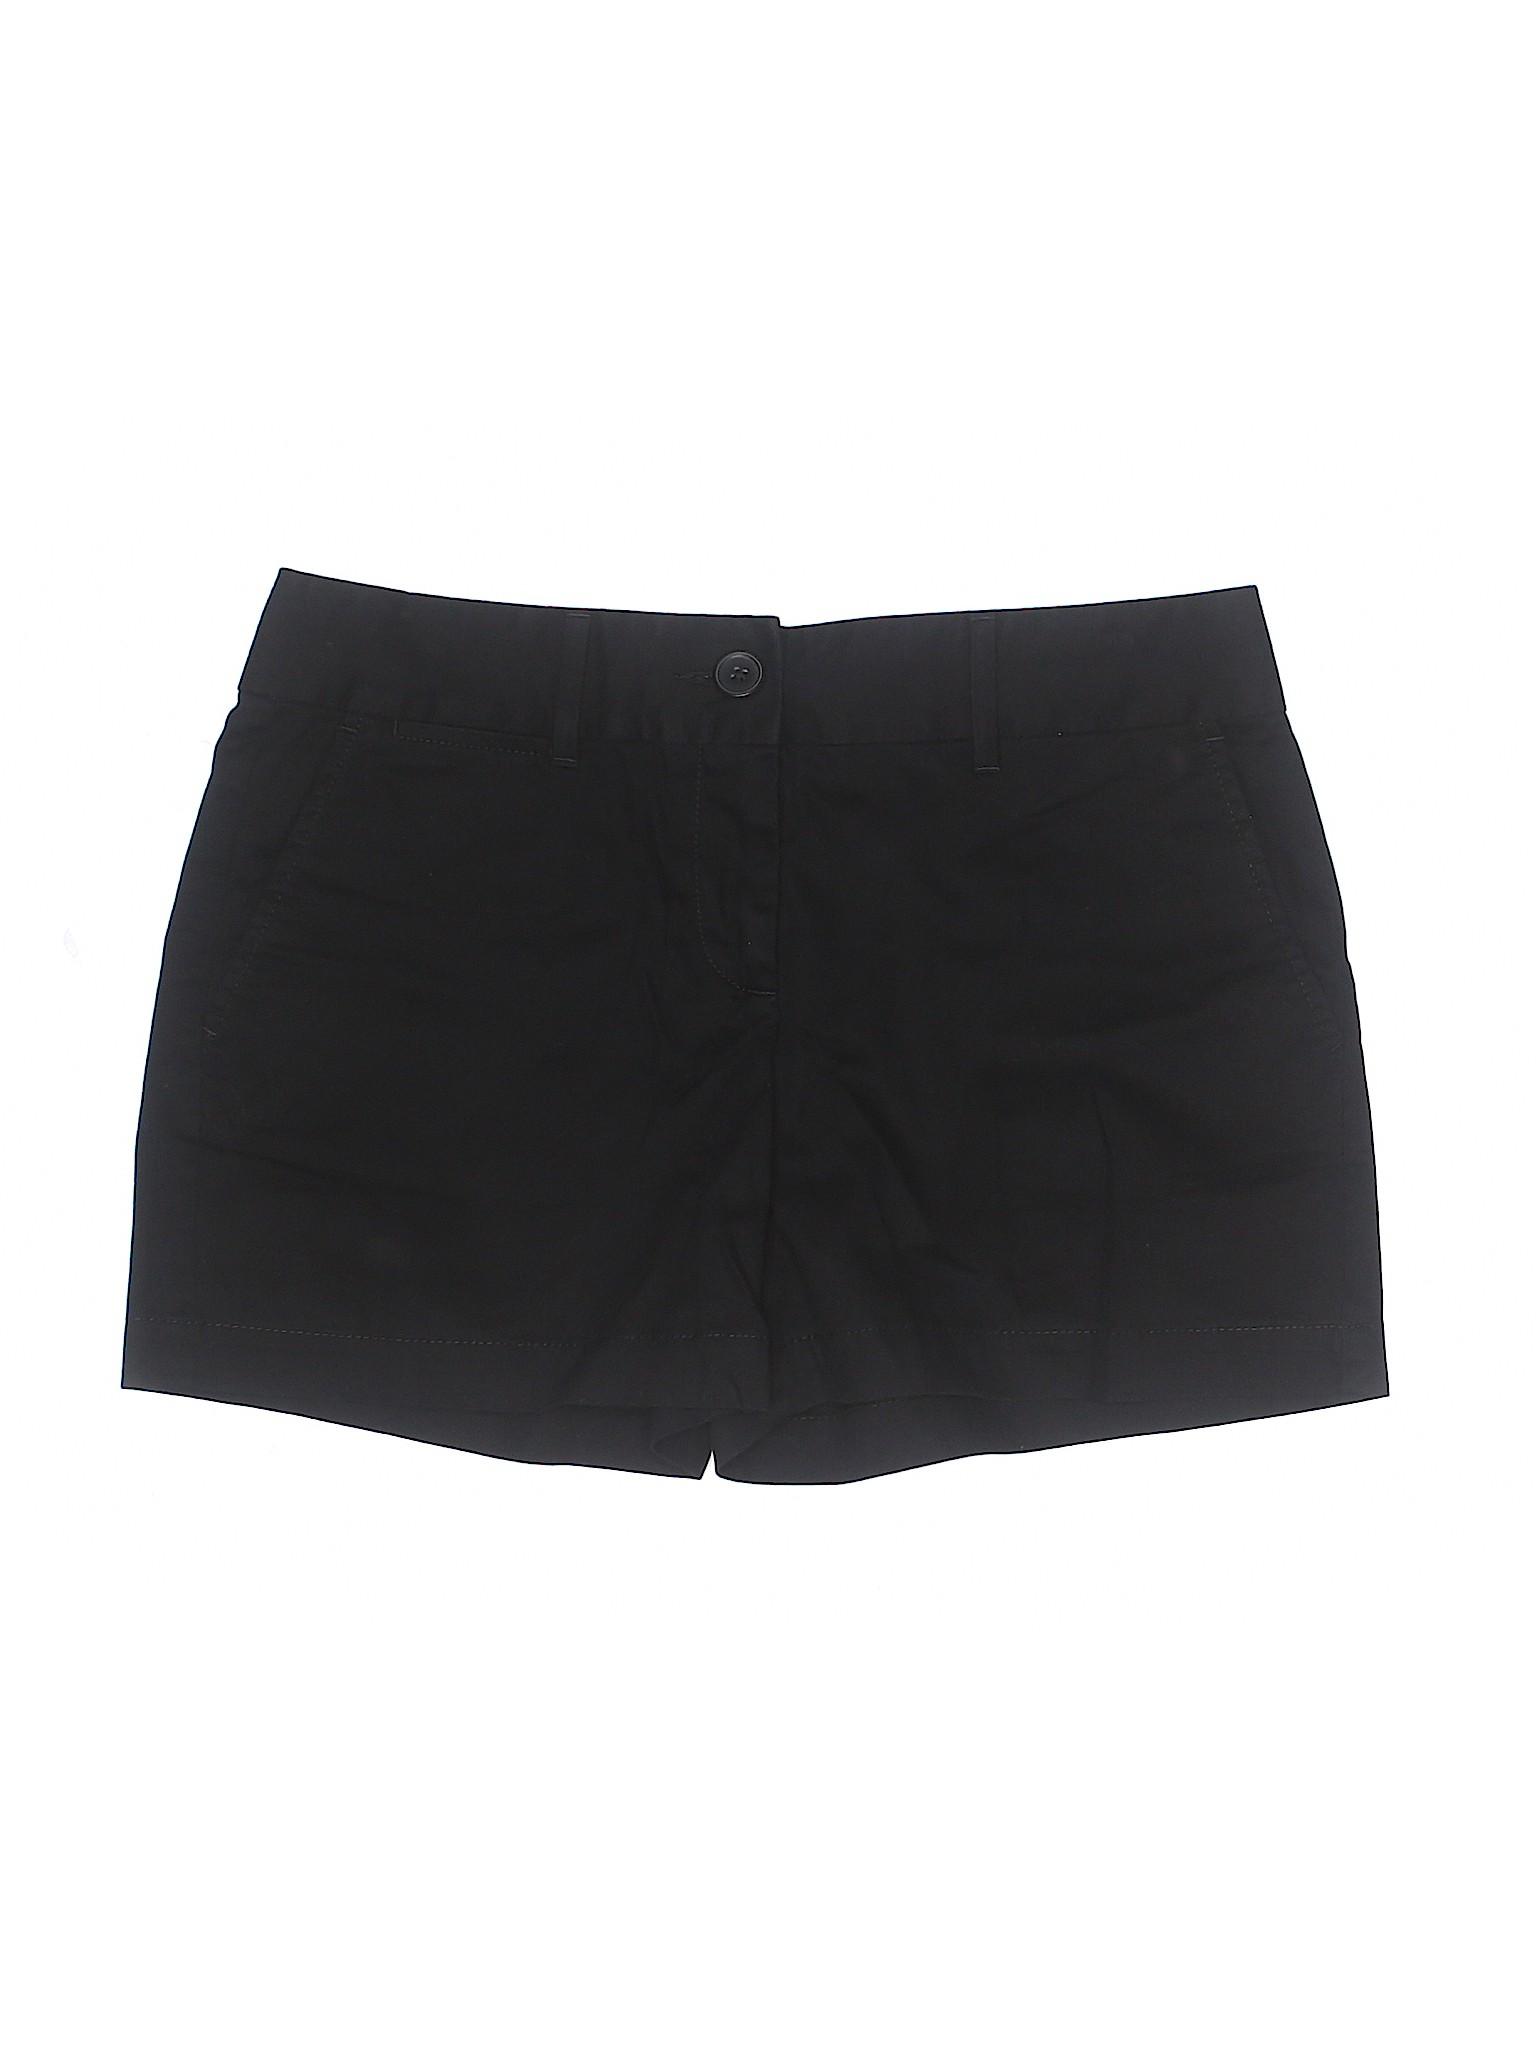 Taylor Ann Boutique Khaki LOFT Shorts 6TZqT8wx